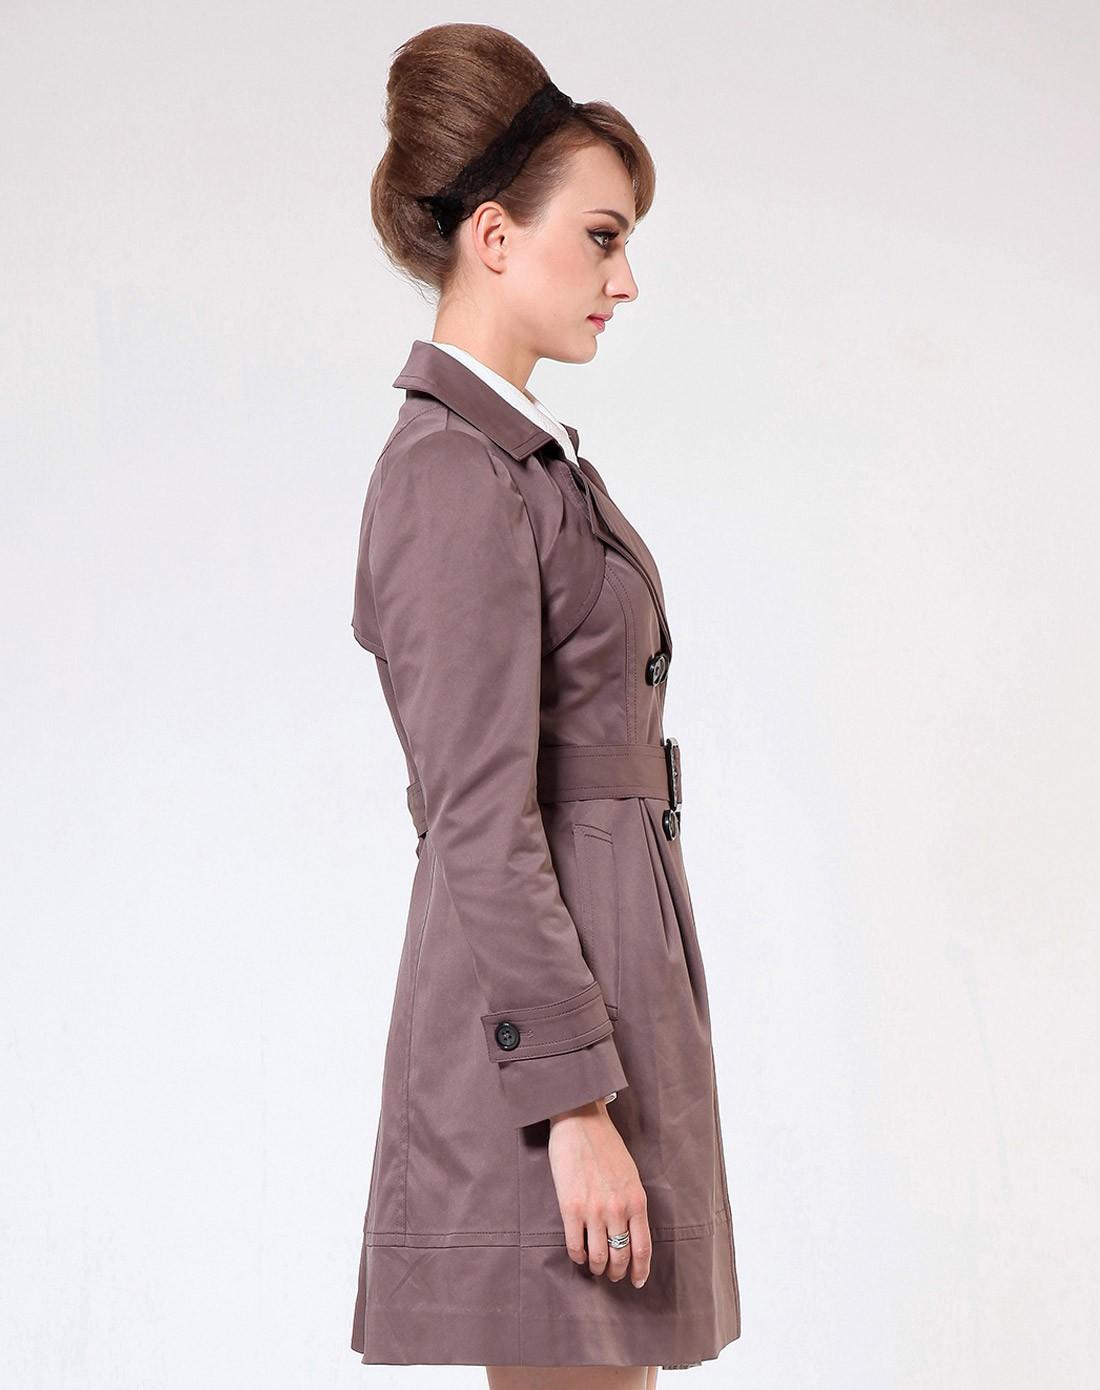 紫灰色中长款风衣上衣